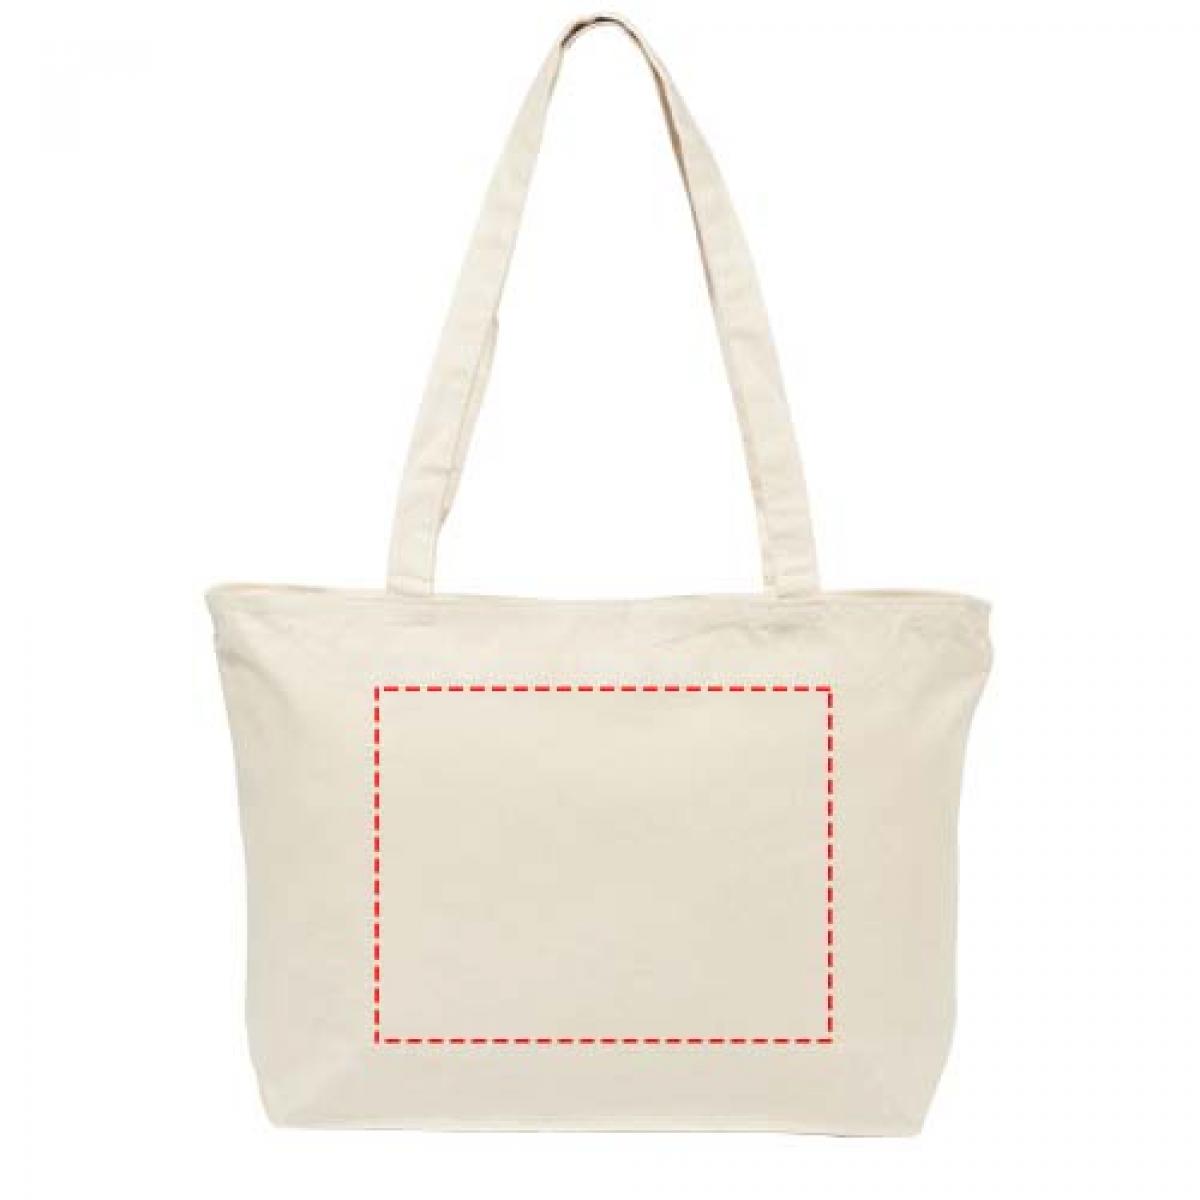 b1cae9fc383 Ninbo katoenen tas met rits bedrukken? - Voordelig & snel bestellen